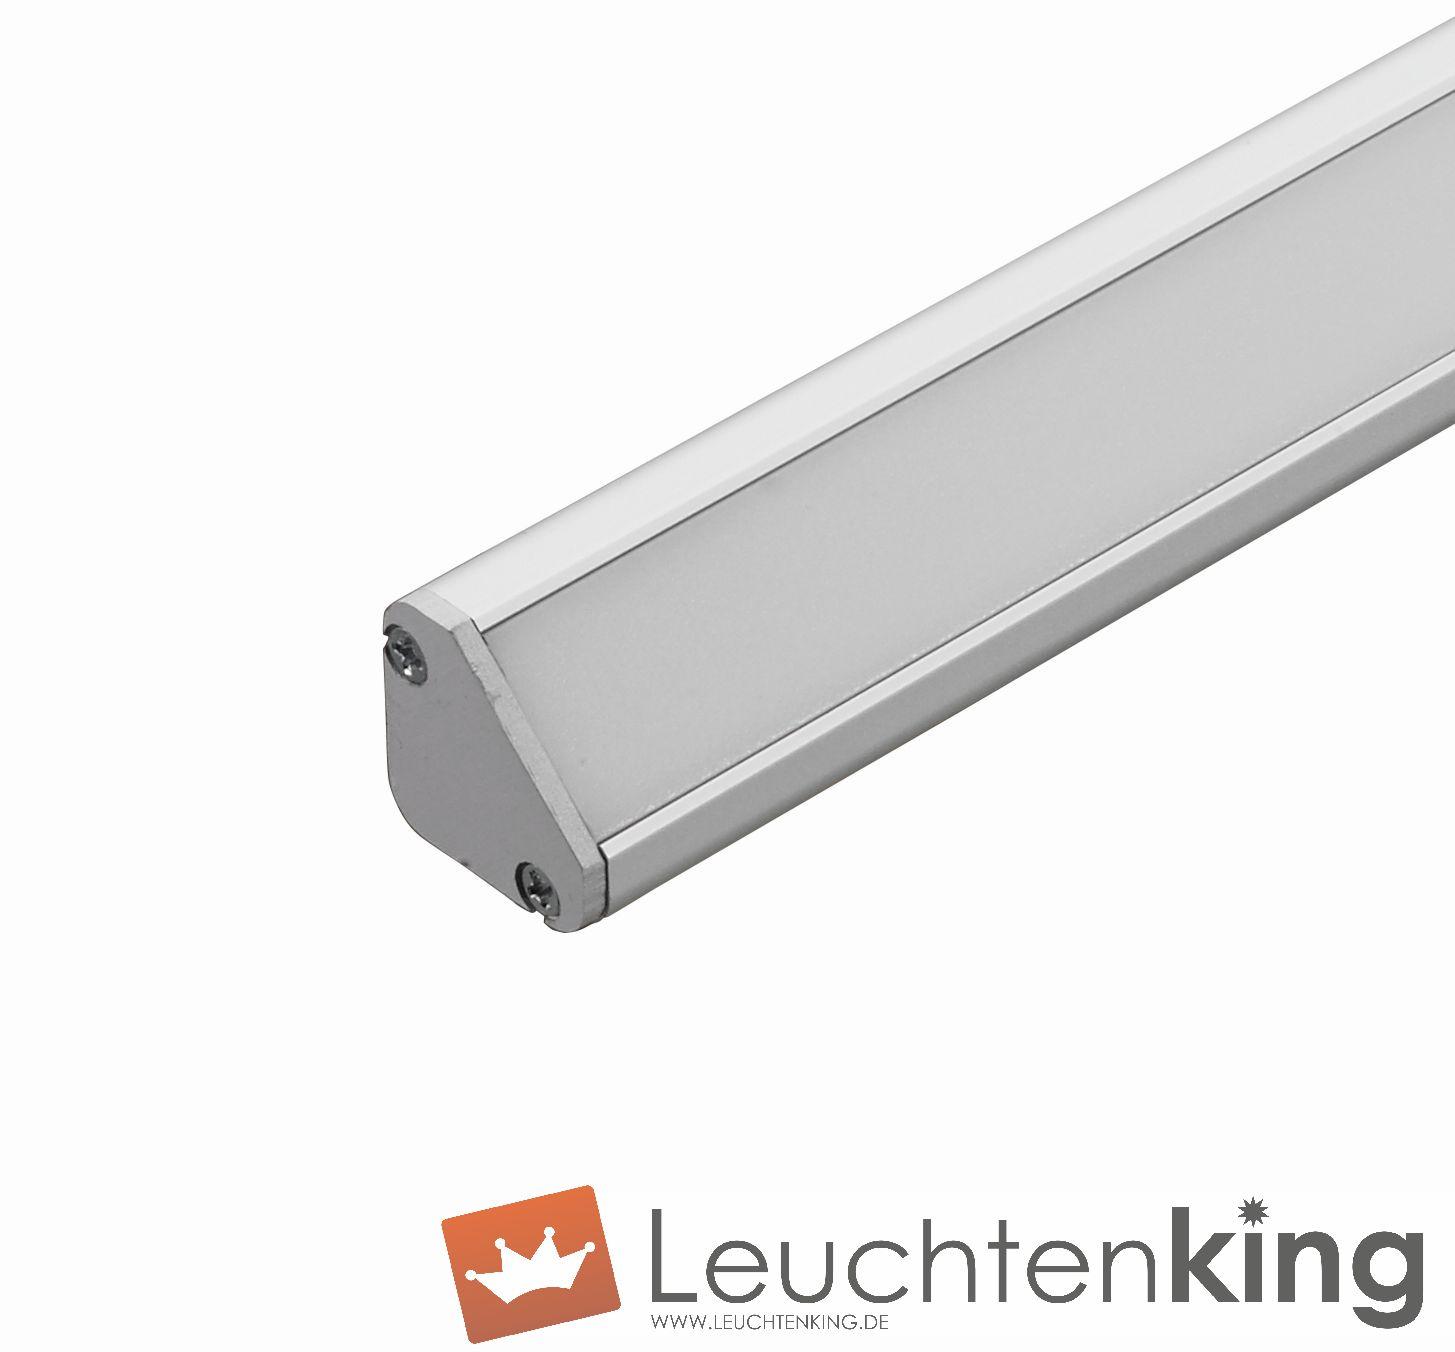 Fein Wie Installiert Man Eine Led Lichtleiste Galerie - Schaltplan ...